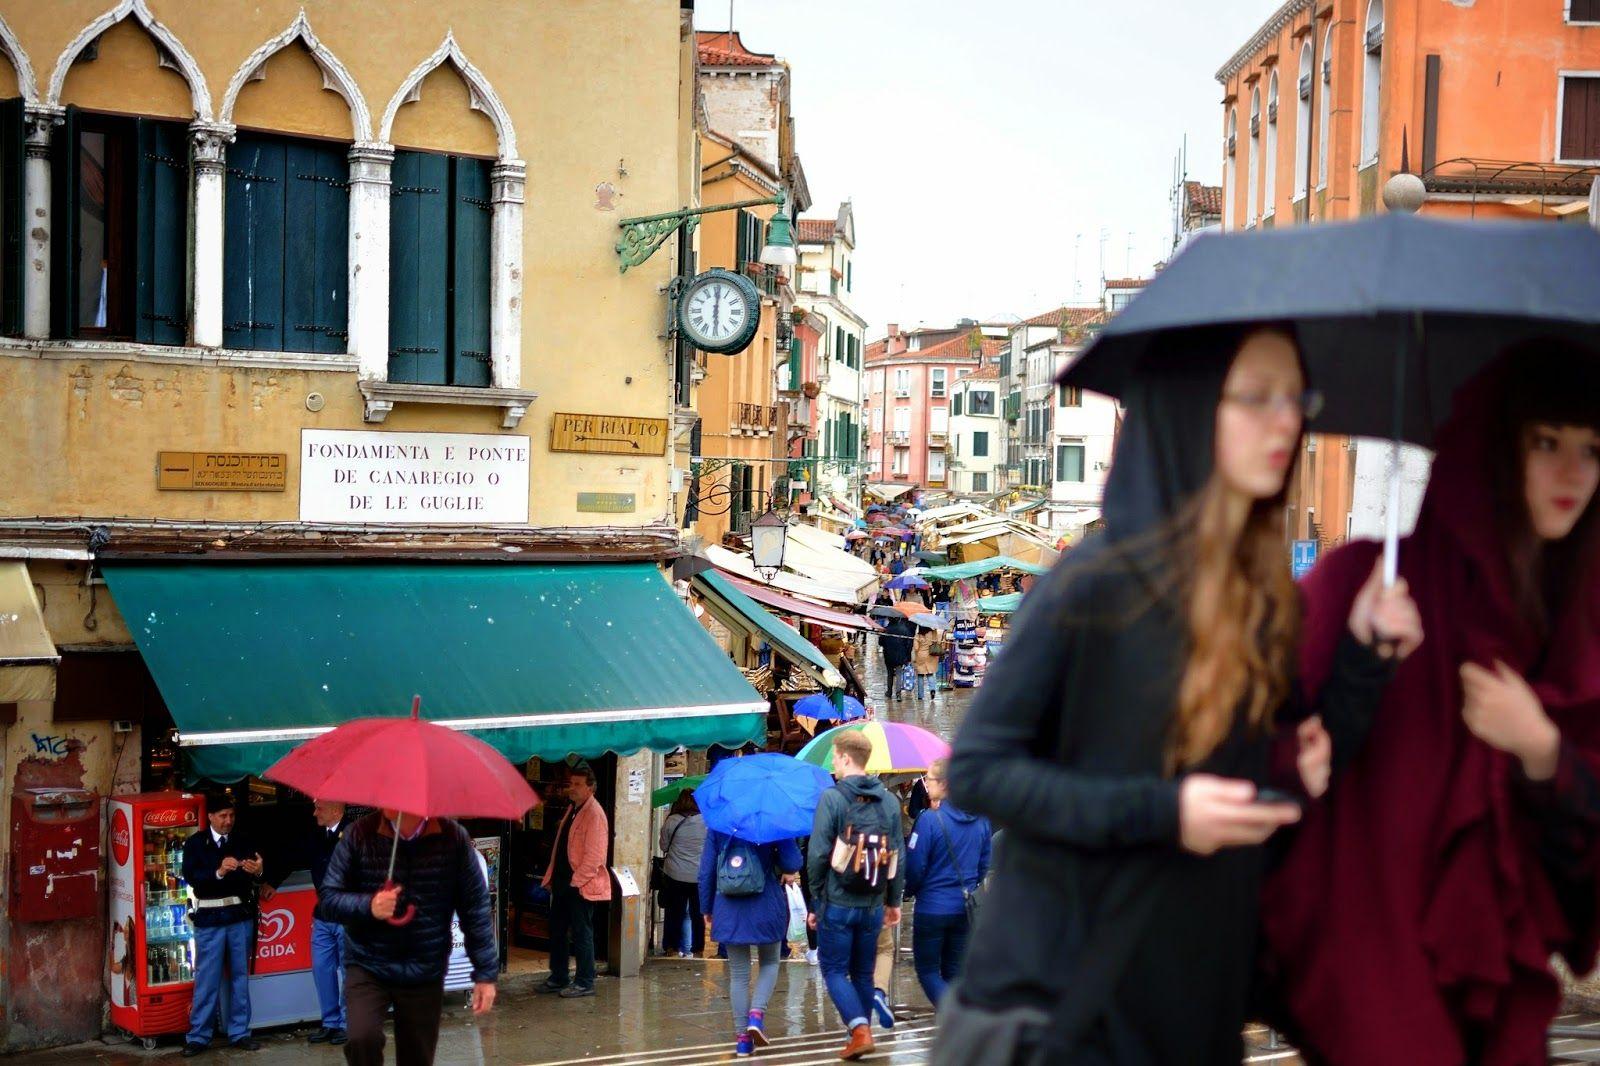 Marina Magro: Venezia, anche sotto la pioggia, sempre magica